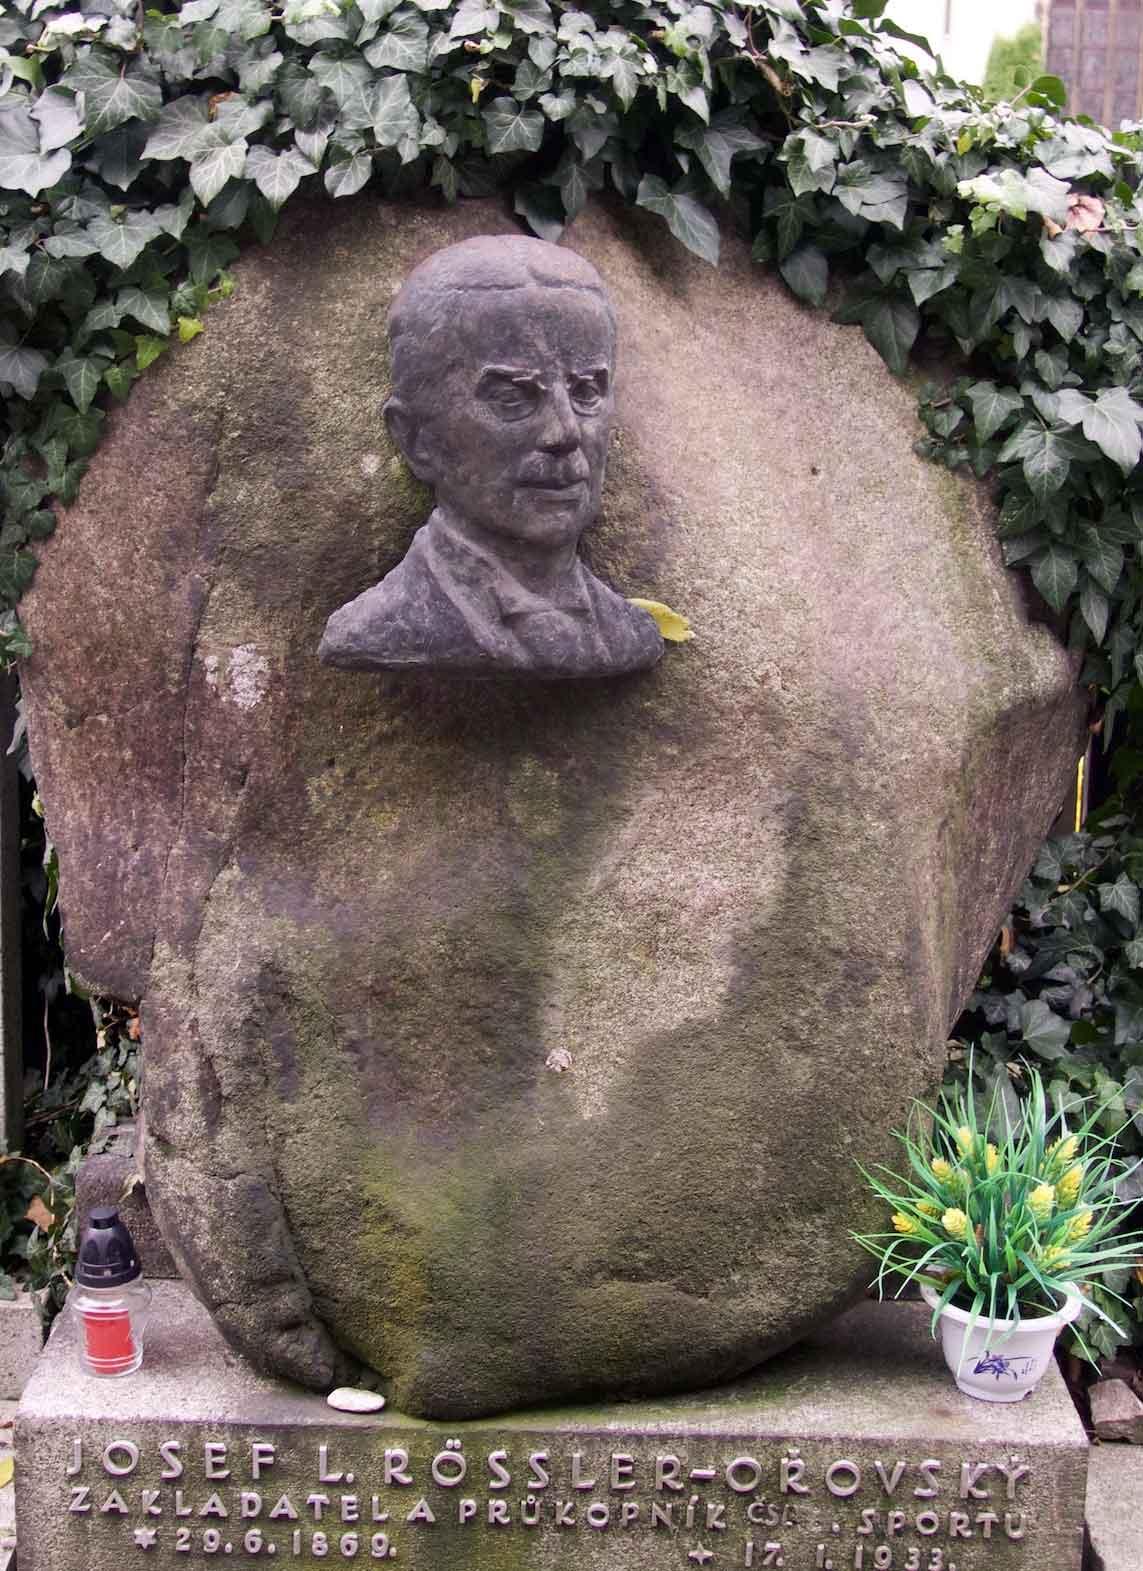 Gravestone of Josef Rössler-Ořovský